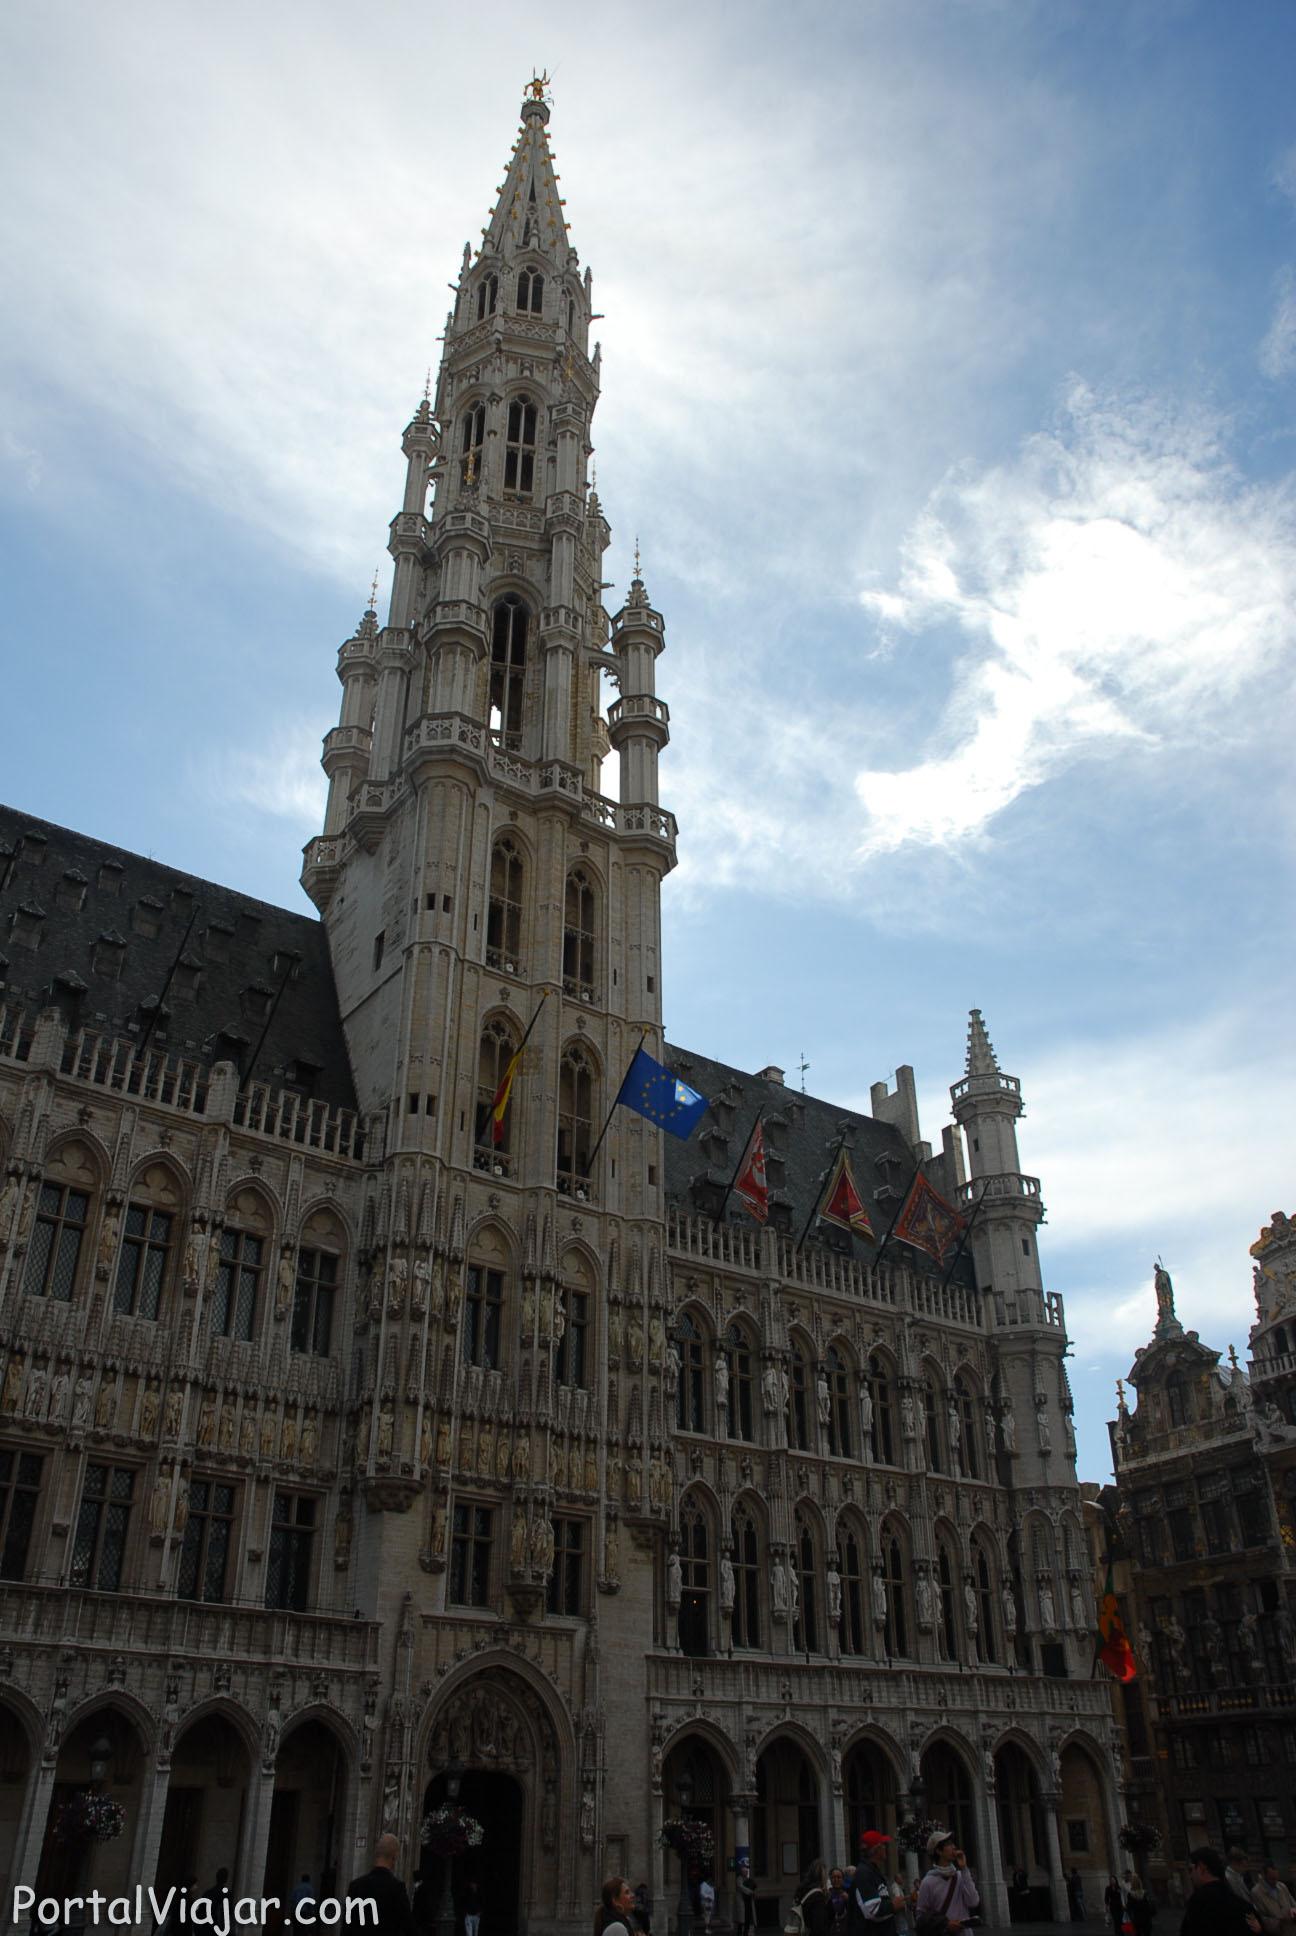 Ayuntamiento de bruselas h tel de ville portal viajar for Ayuntamiento de villel de mesa